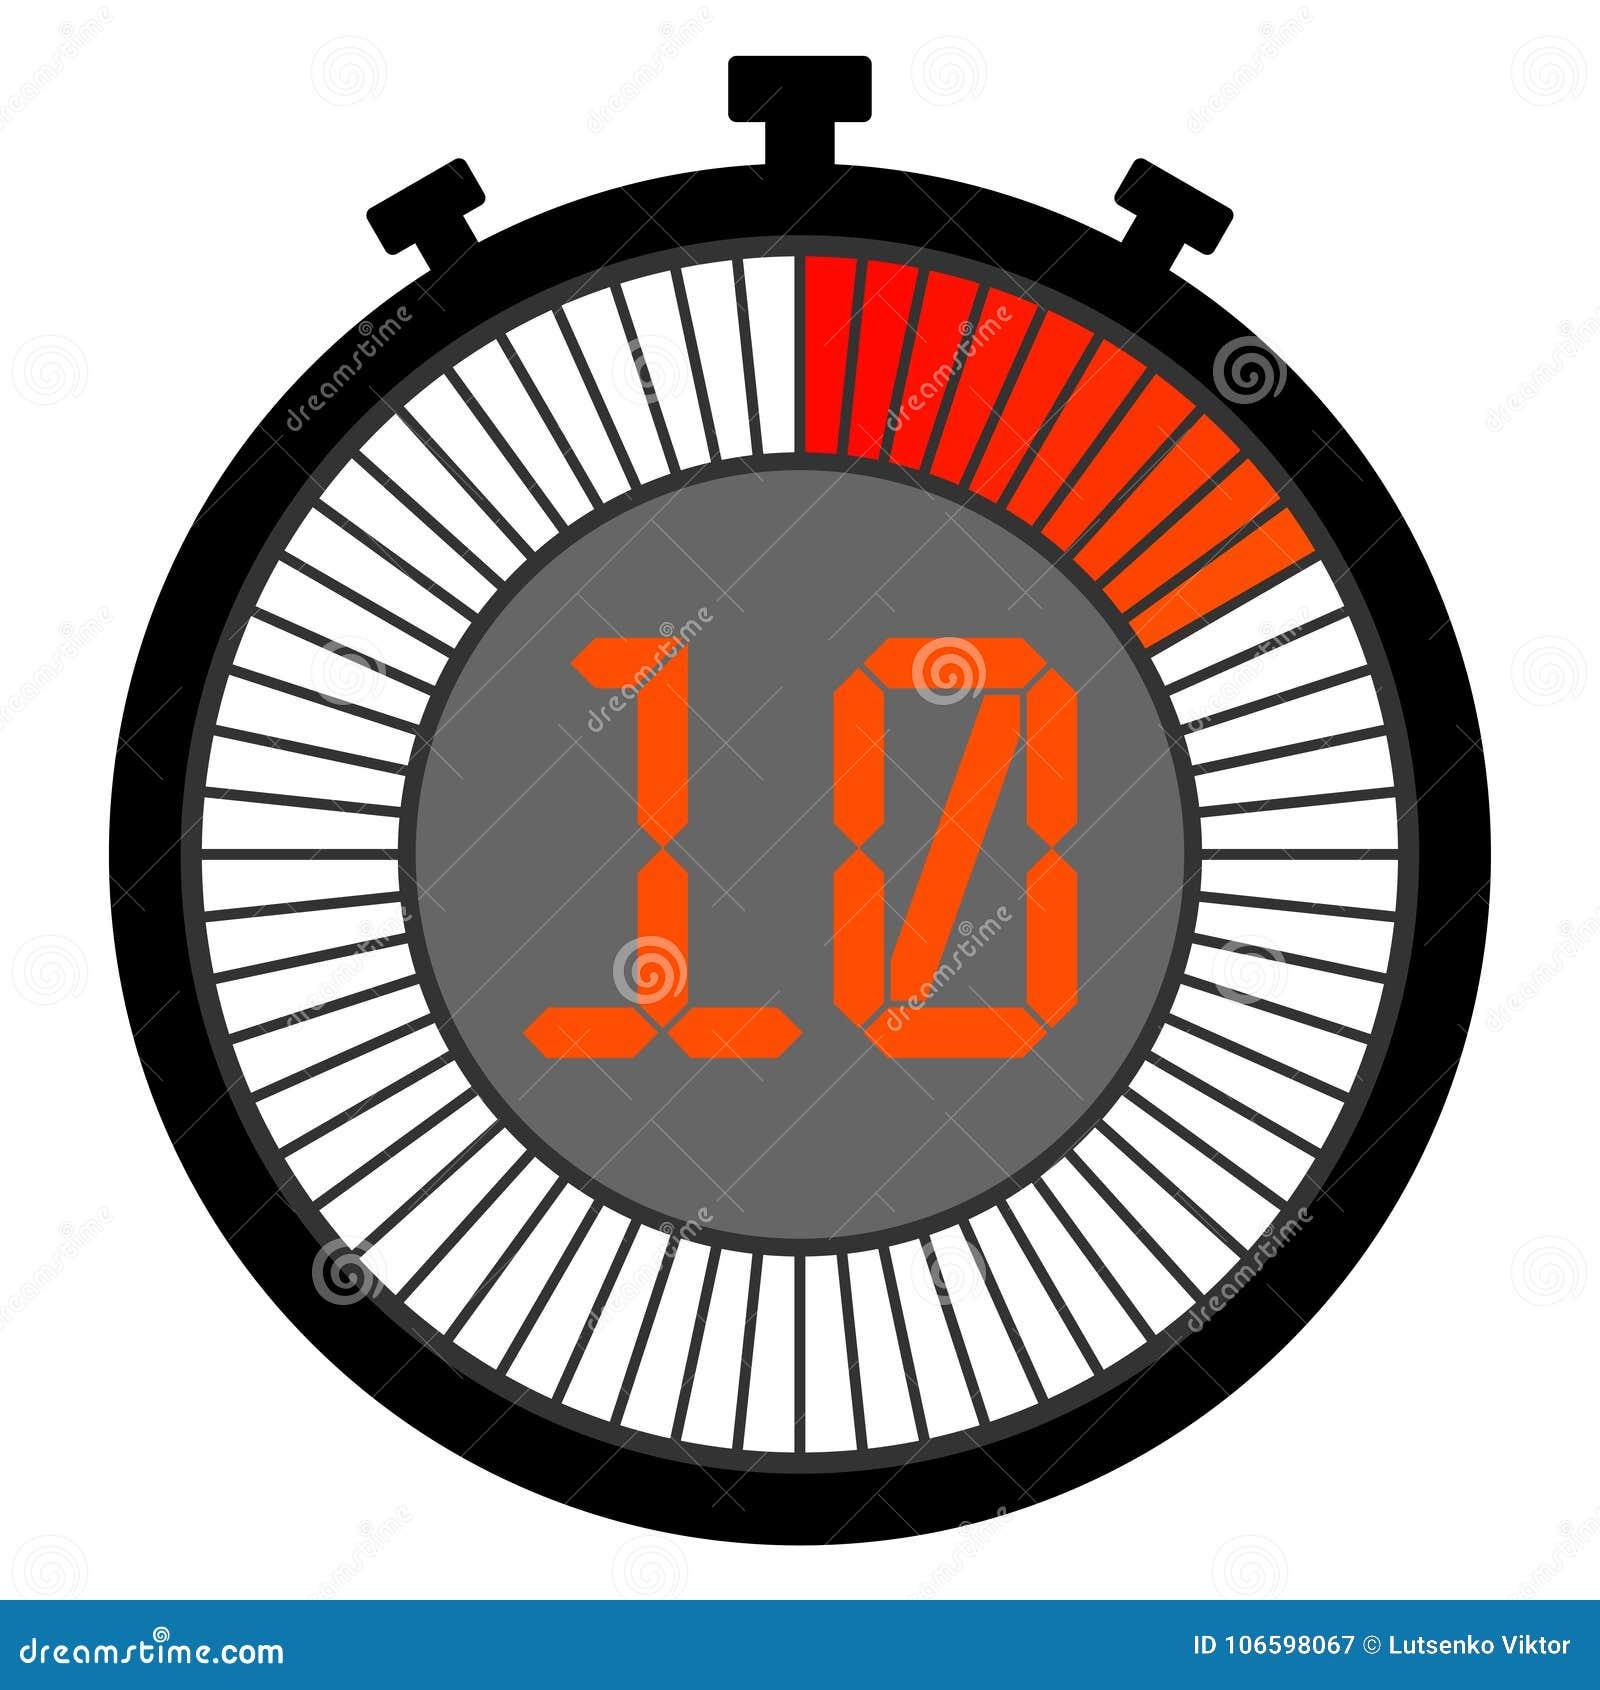 электронный секундомер при шкала градиента начиная с красным цветом 10